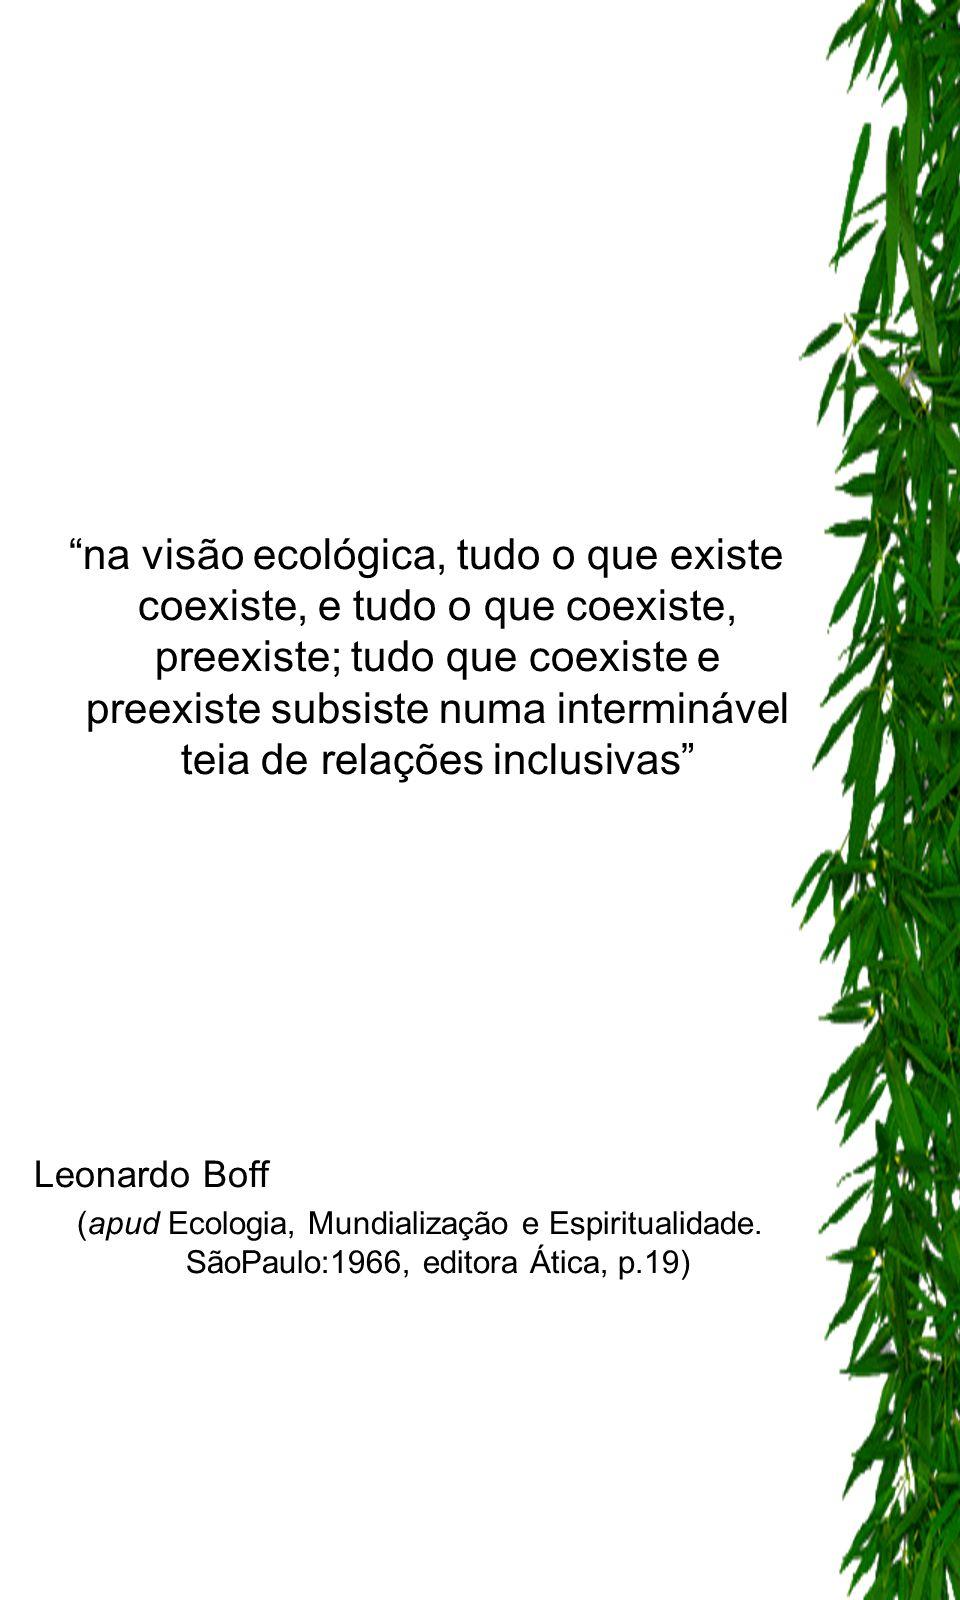 na visão ecológica, tudo o que existe coexiste, e tudo o que coexiste, preexiste; tudo que coexiste e preexiste subsiste numa interminável teia de rel